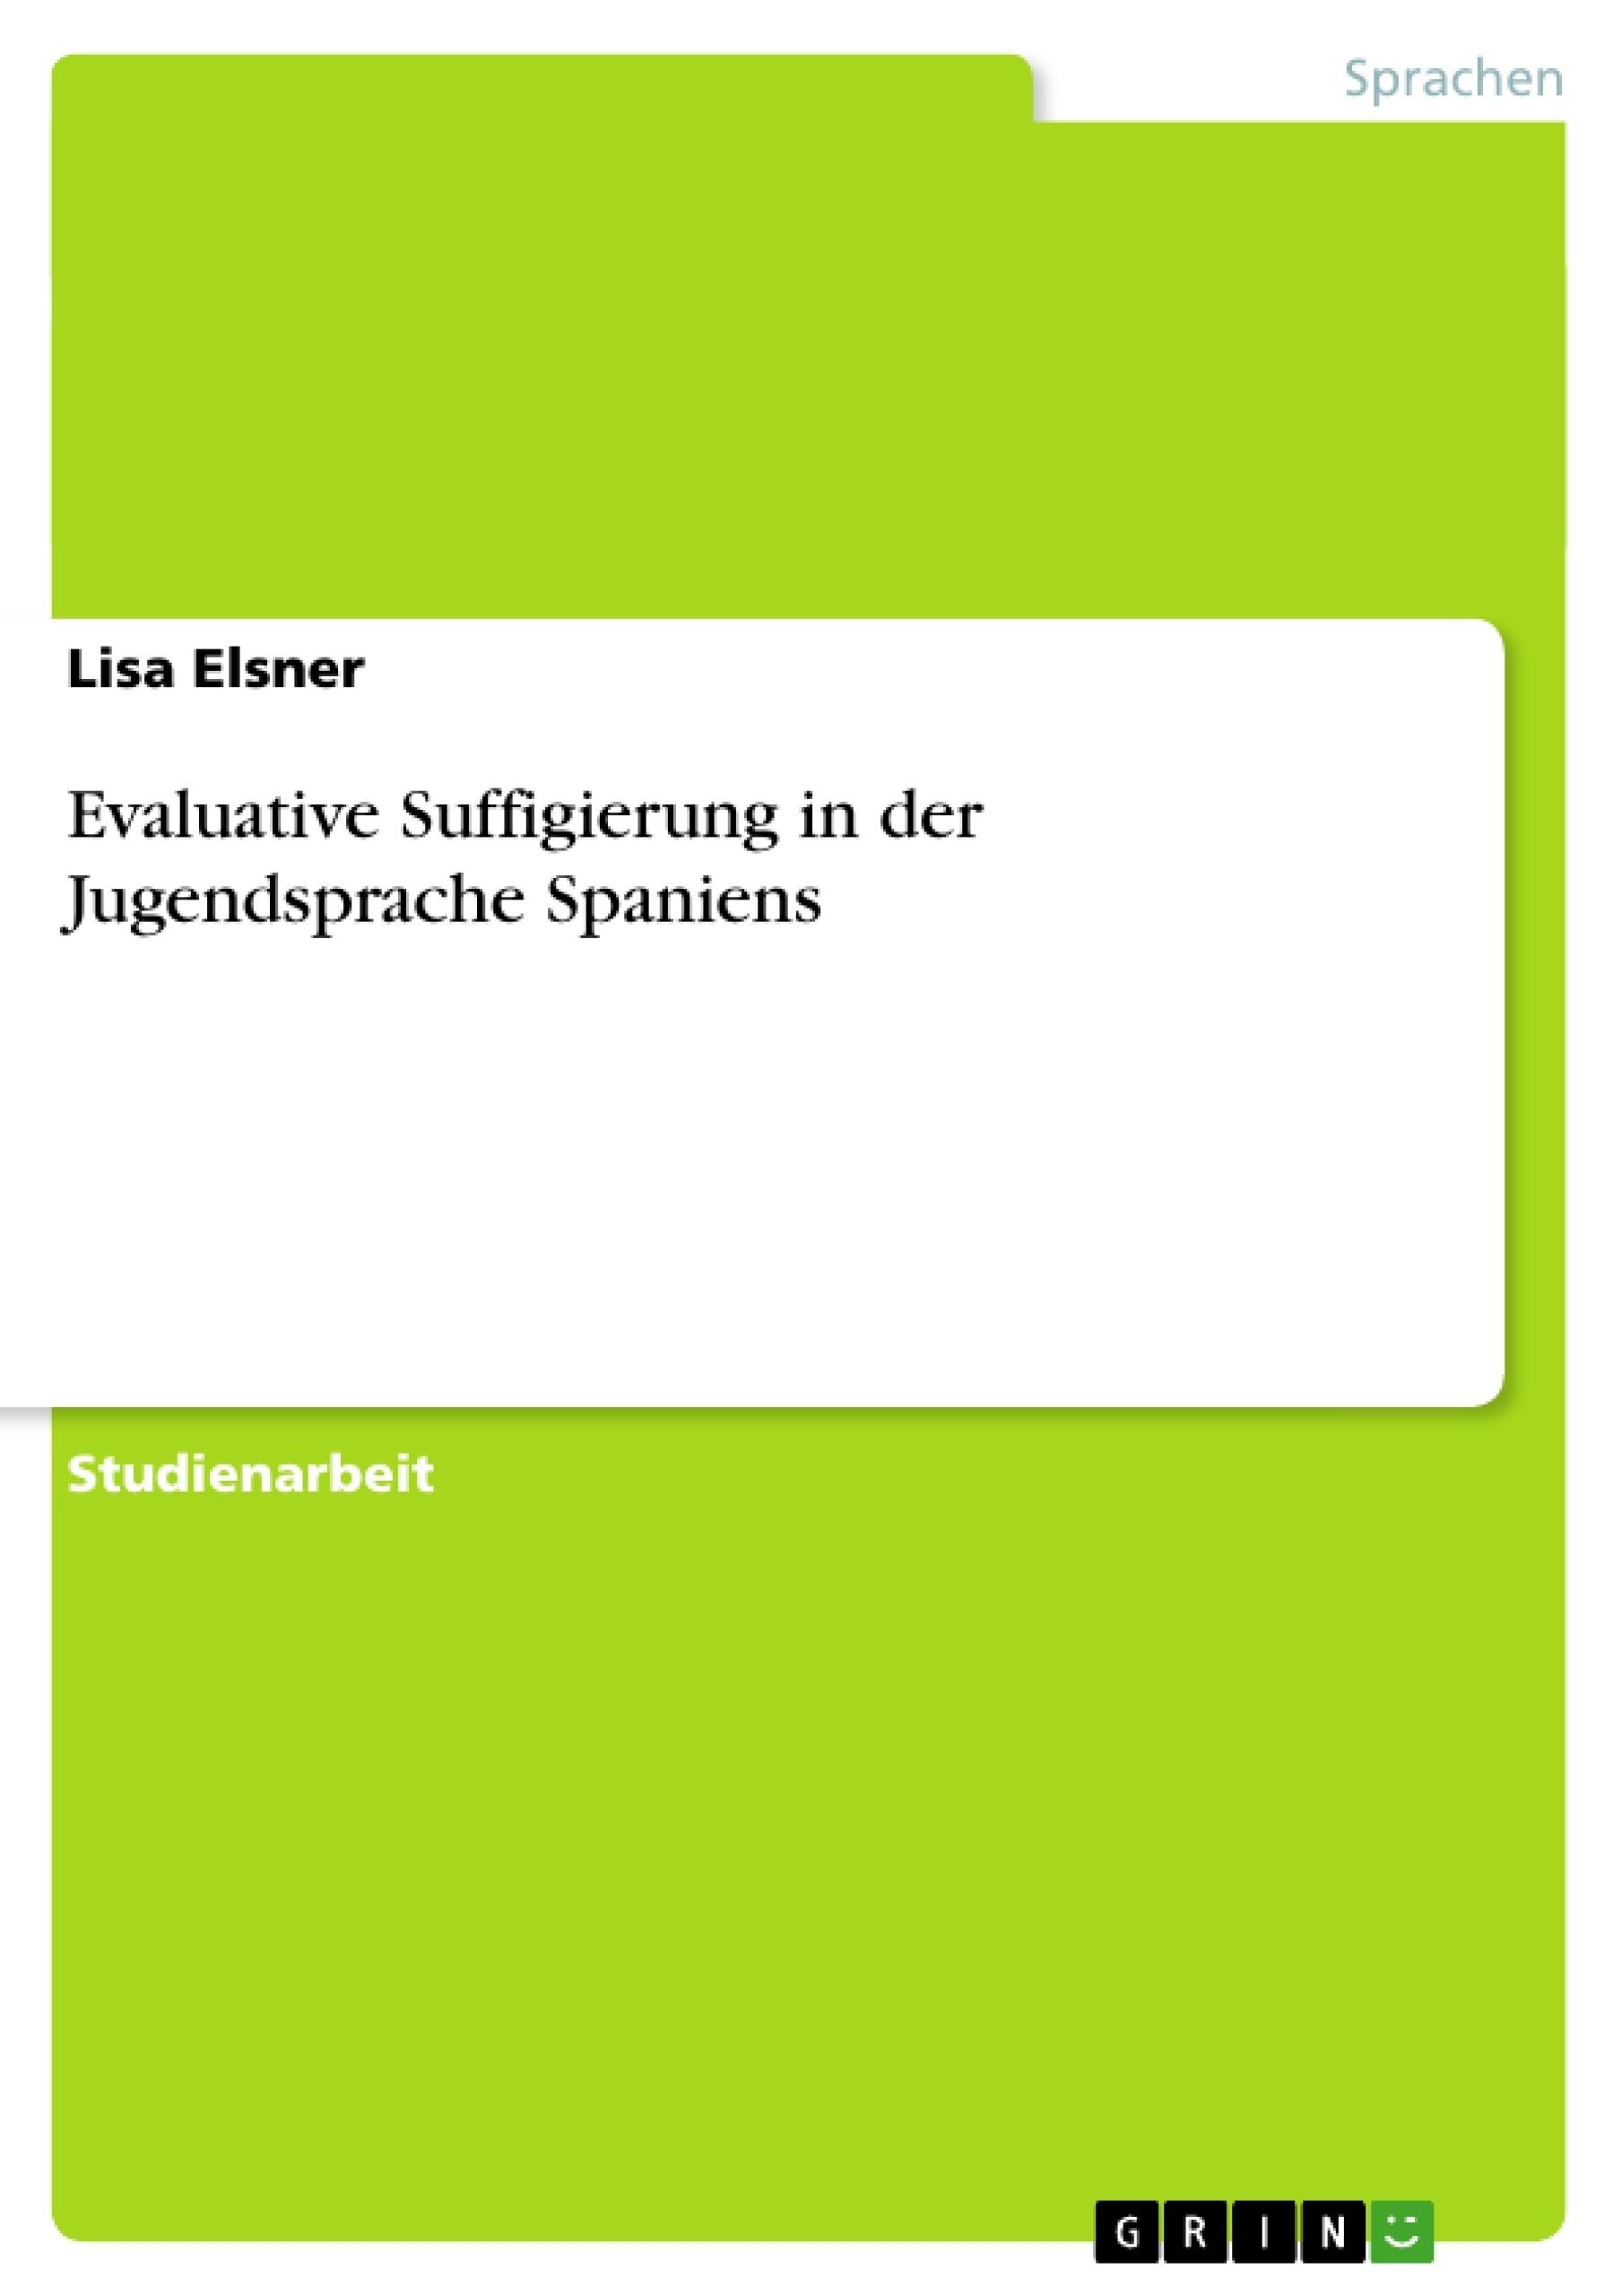 Titel: Evaluative Suffigierung in der Jugendsprache Spaniens